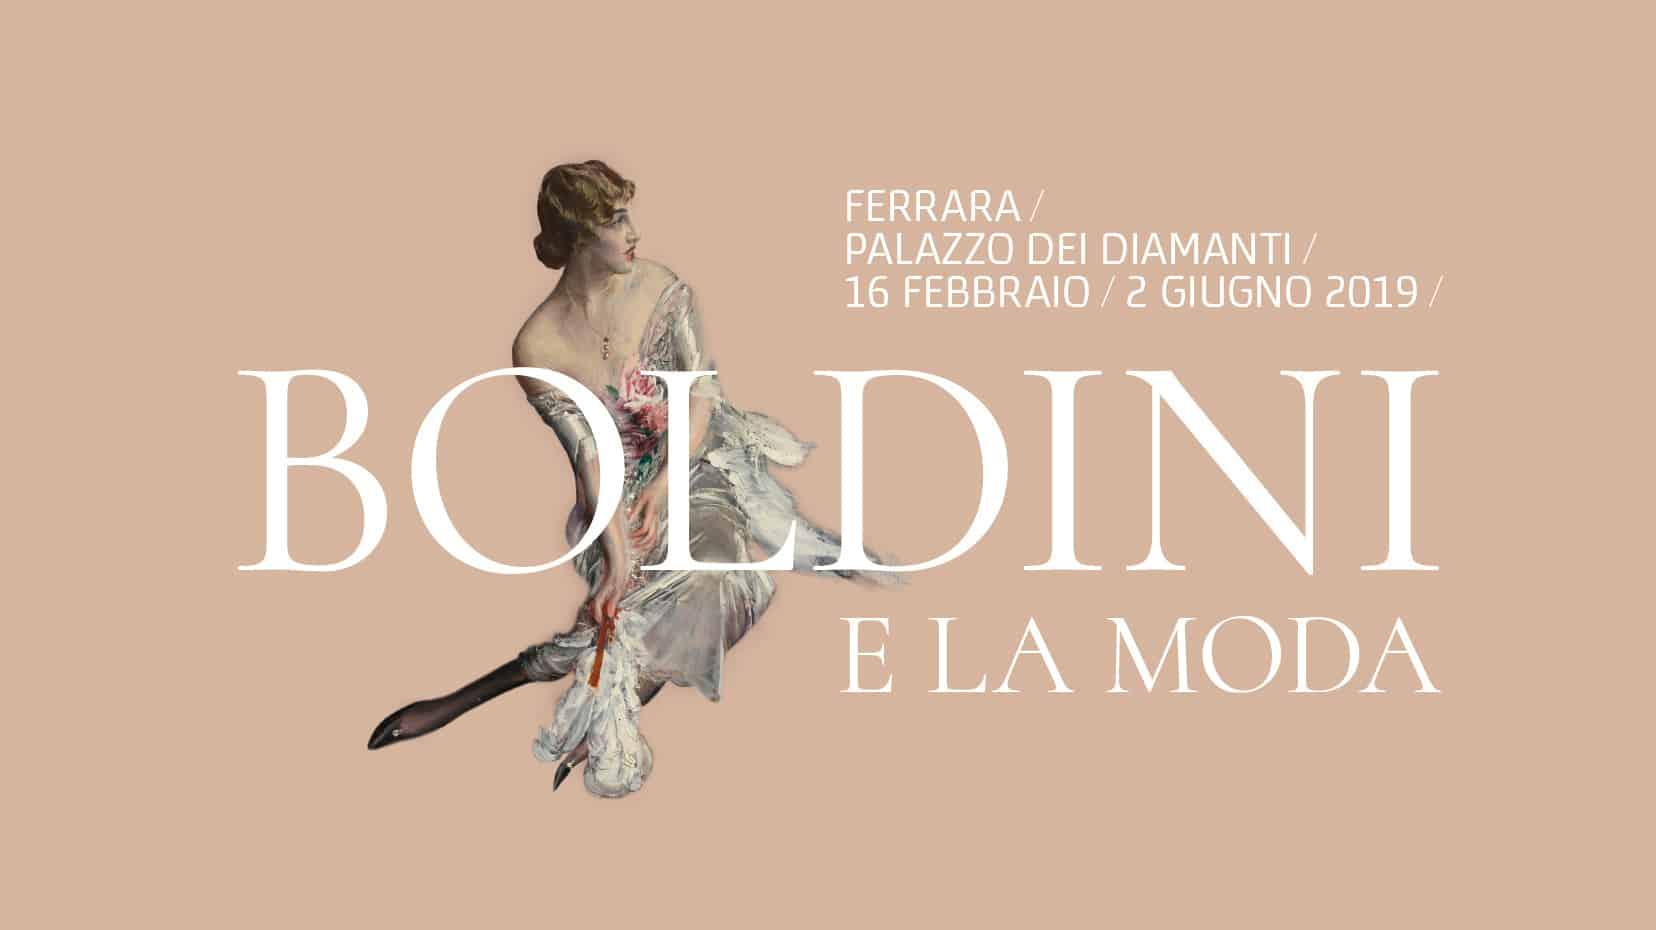 Boldinini e la moda. Nuova mostra are a Ferrara, a Palazzo dei Diamanti